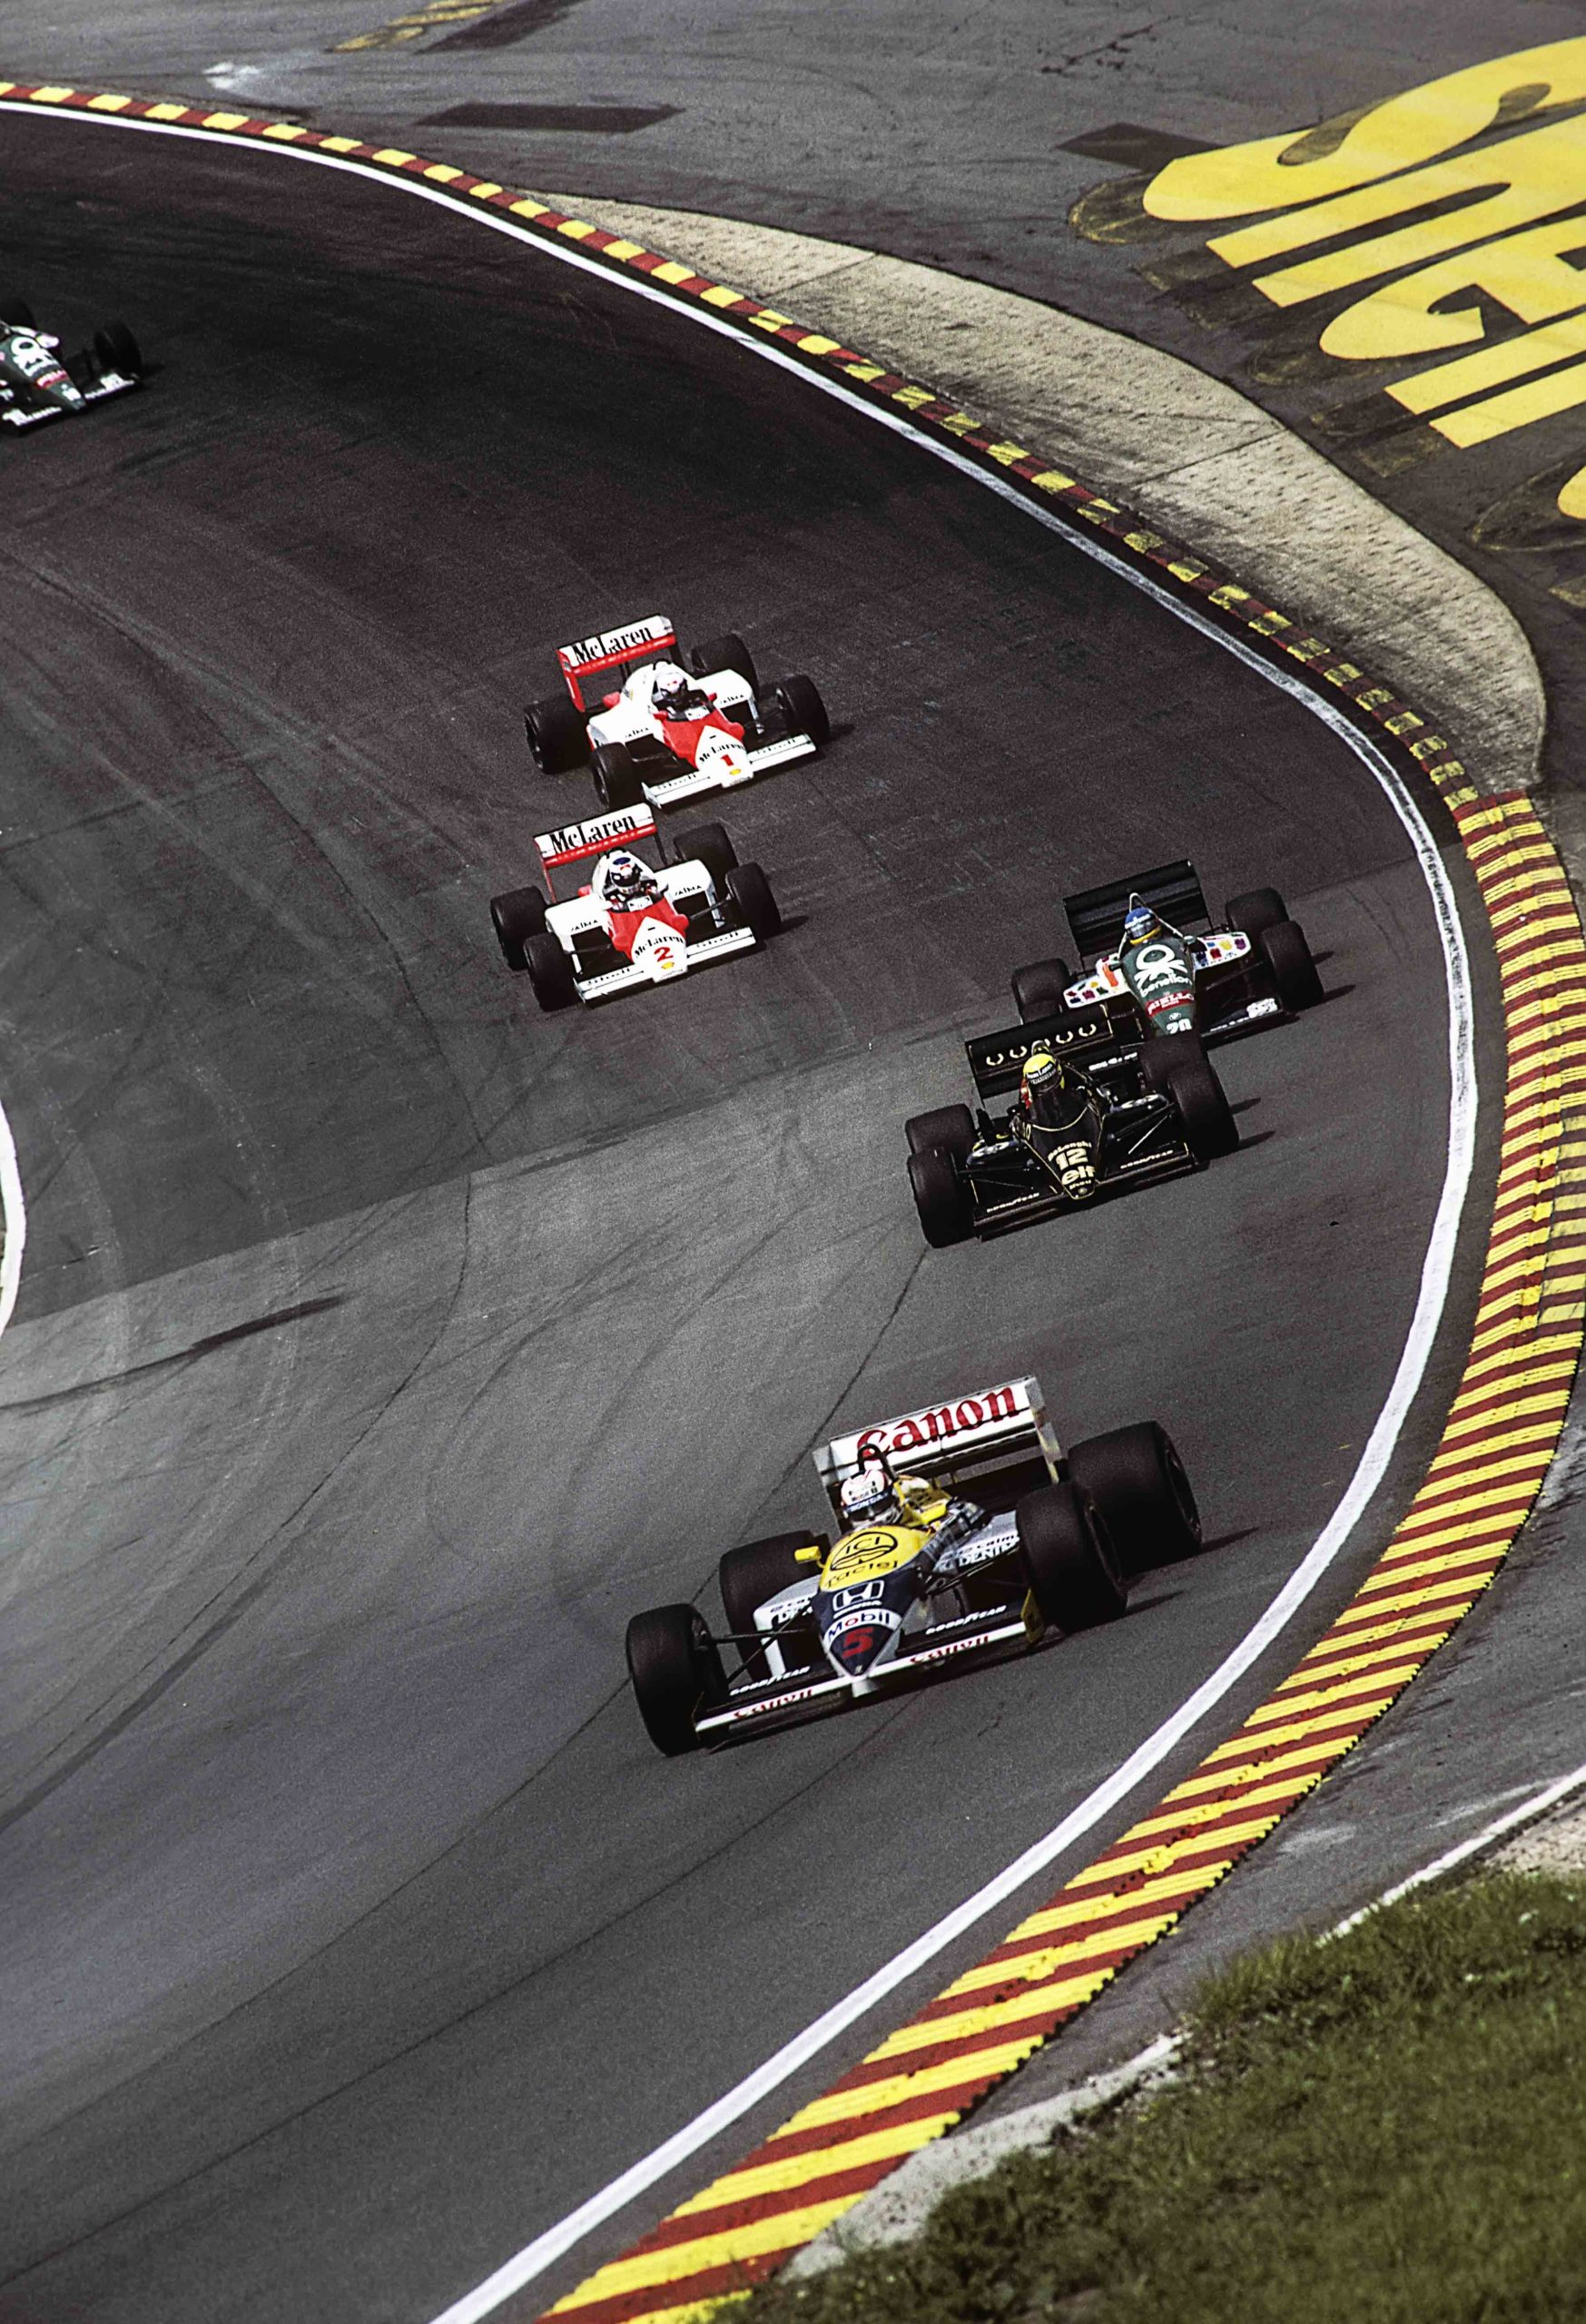 Nigel Mansell, Ayrton Senna, Gerhard Berger, Alain Prost, Keke Rosberg, Grand Prix Of Great Britain